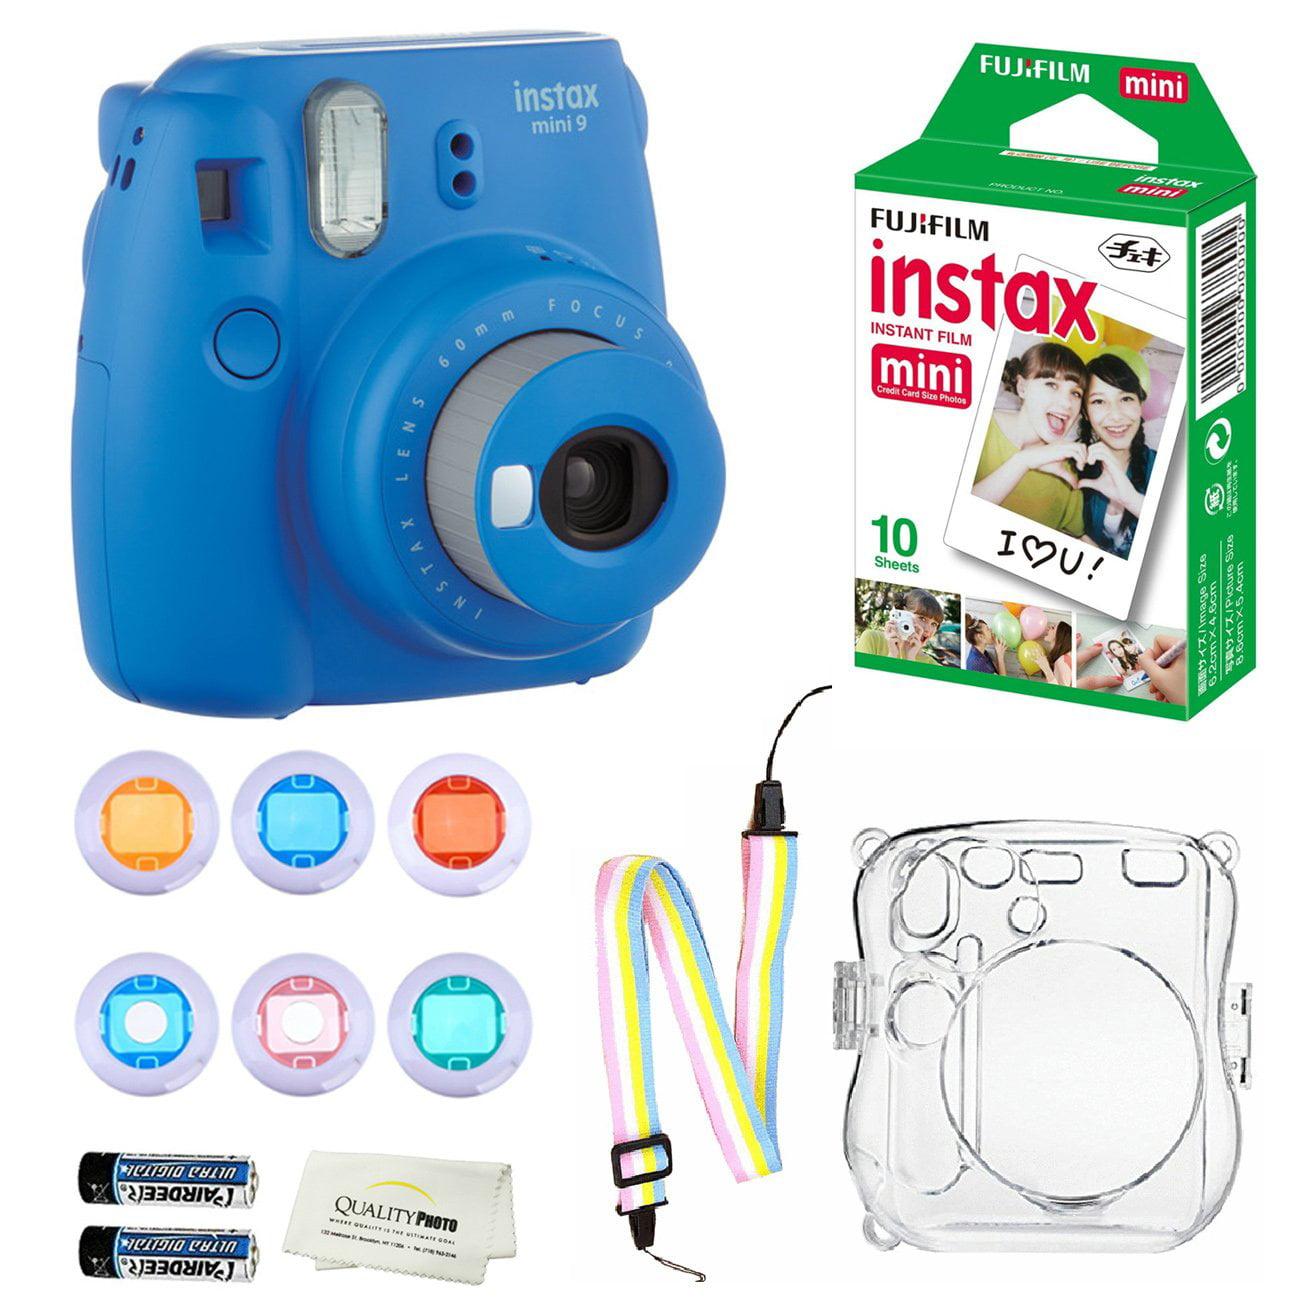 Fujifilm Instax Mini 9 Instant Camera (Cobalt Blue) + 10 Fuji Instant Film Sheets + Convenient Instax Clear Case W/ Rainbow Strap + 6-Color Lenses & More